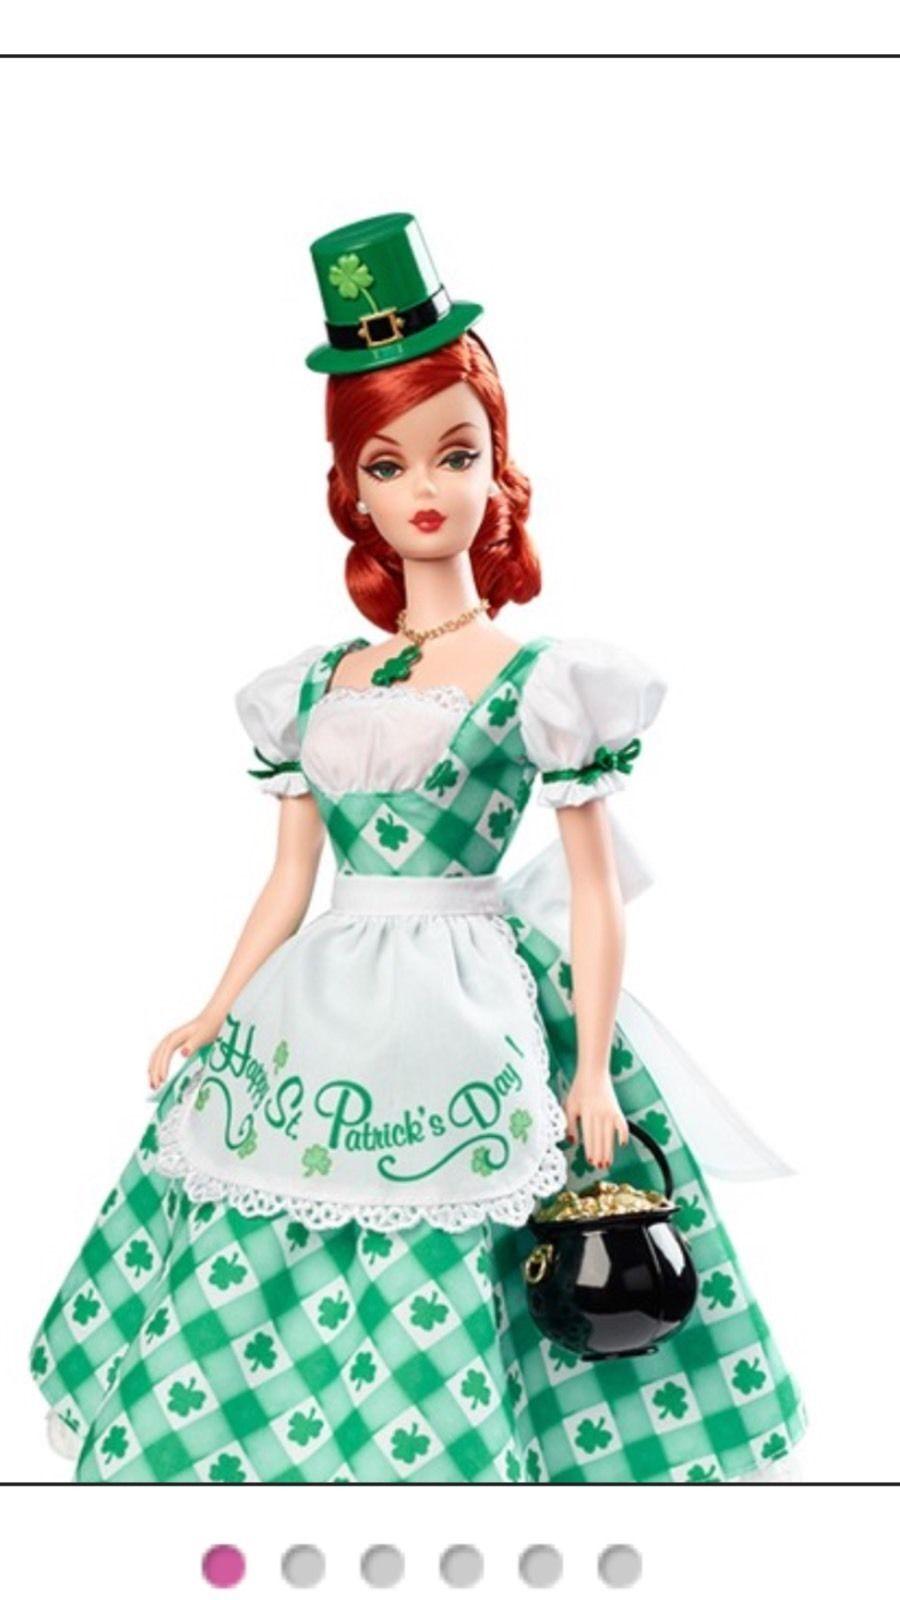 2015 2015 2015 Muñeca Barbie celebración navideña anfitriona Shamrock -  CGK93  Envíos y devoluciones gratis.